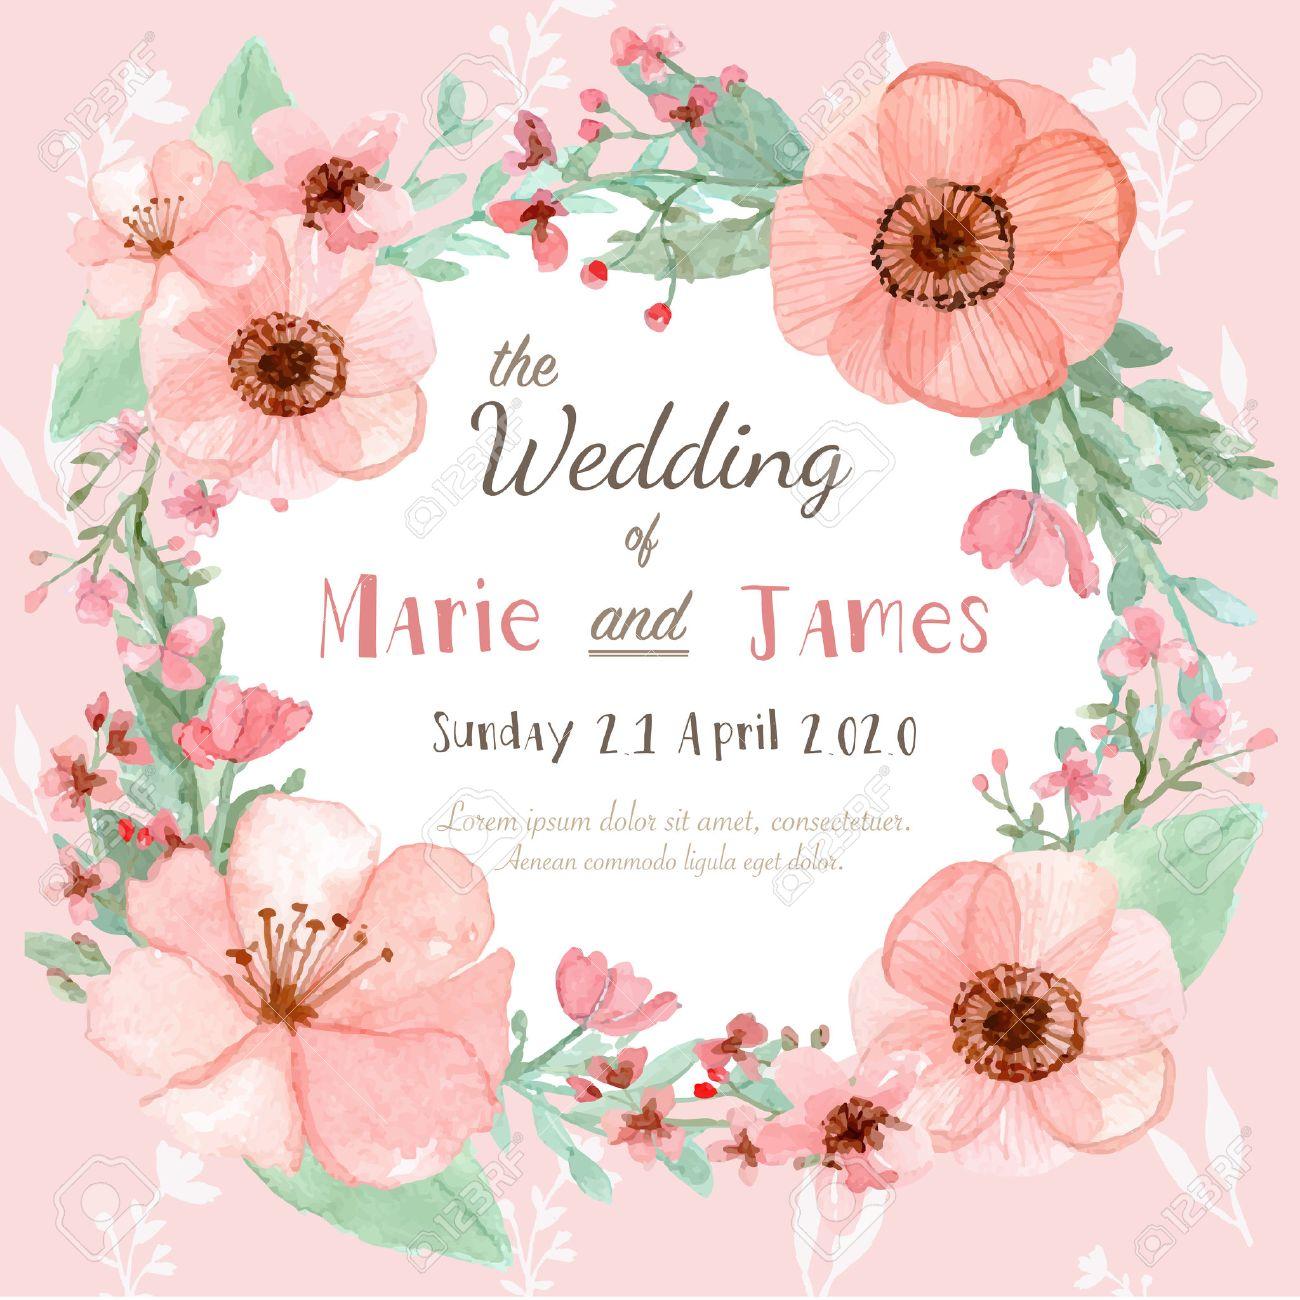 花結婚式招待状グリーティング カードの日付を保存のイラスト素材